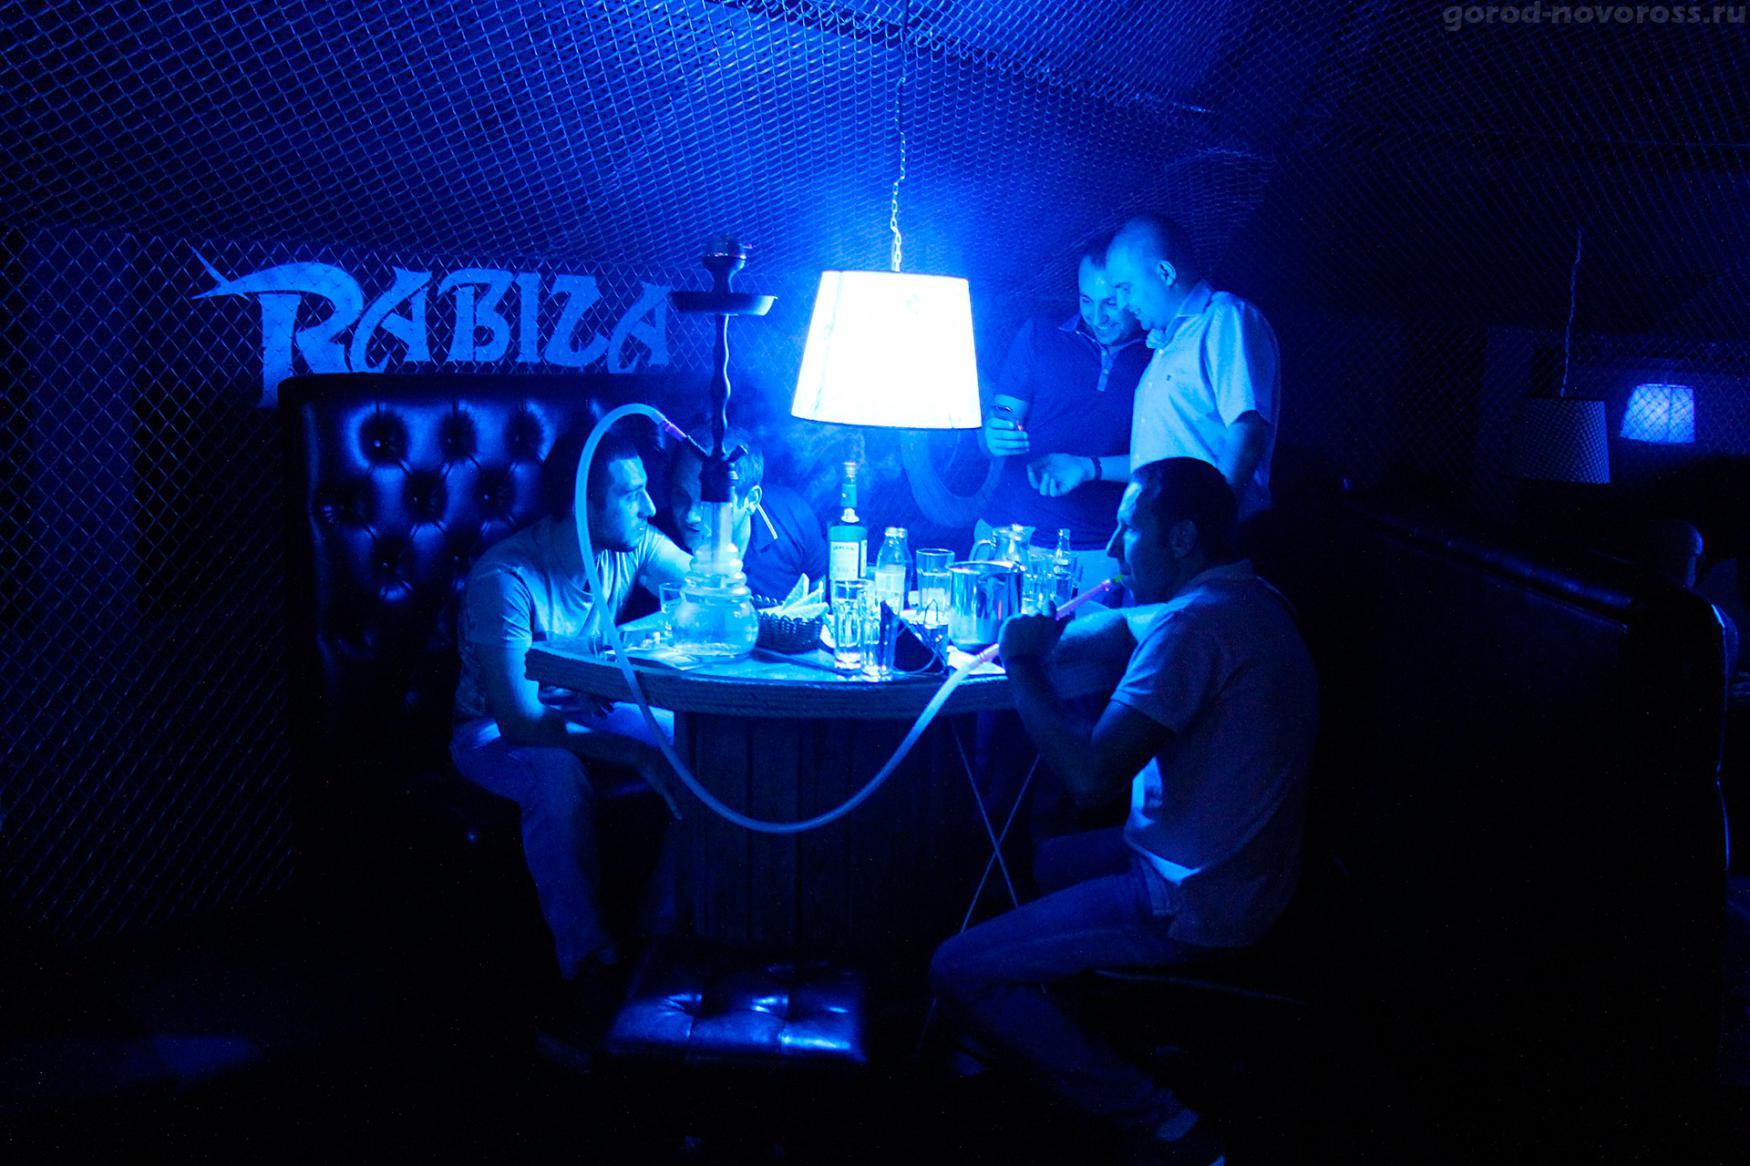 В клубе фотоотчет новороссийск